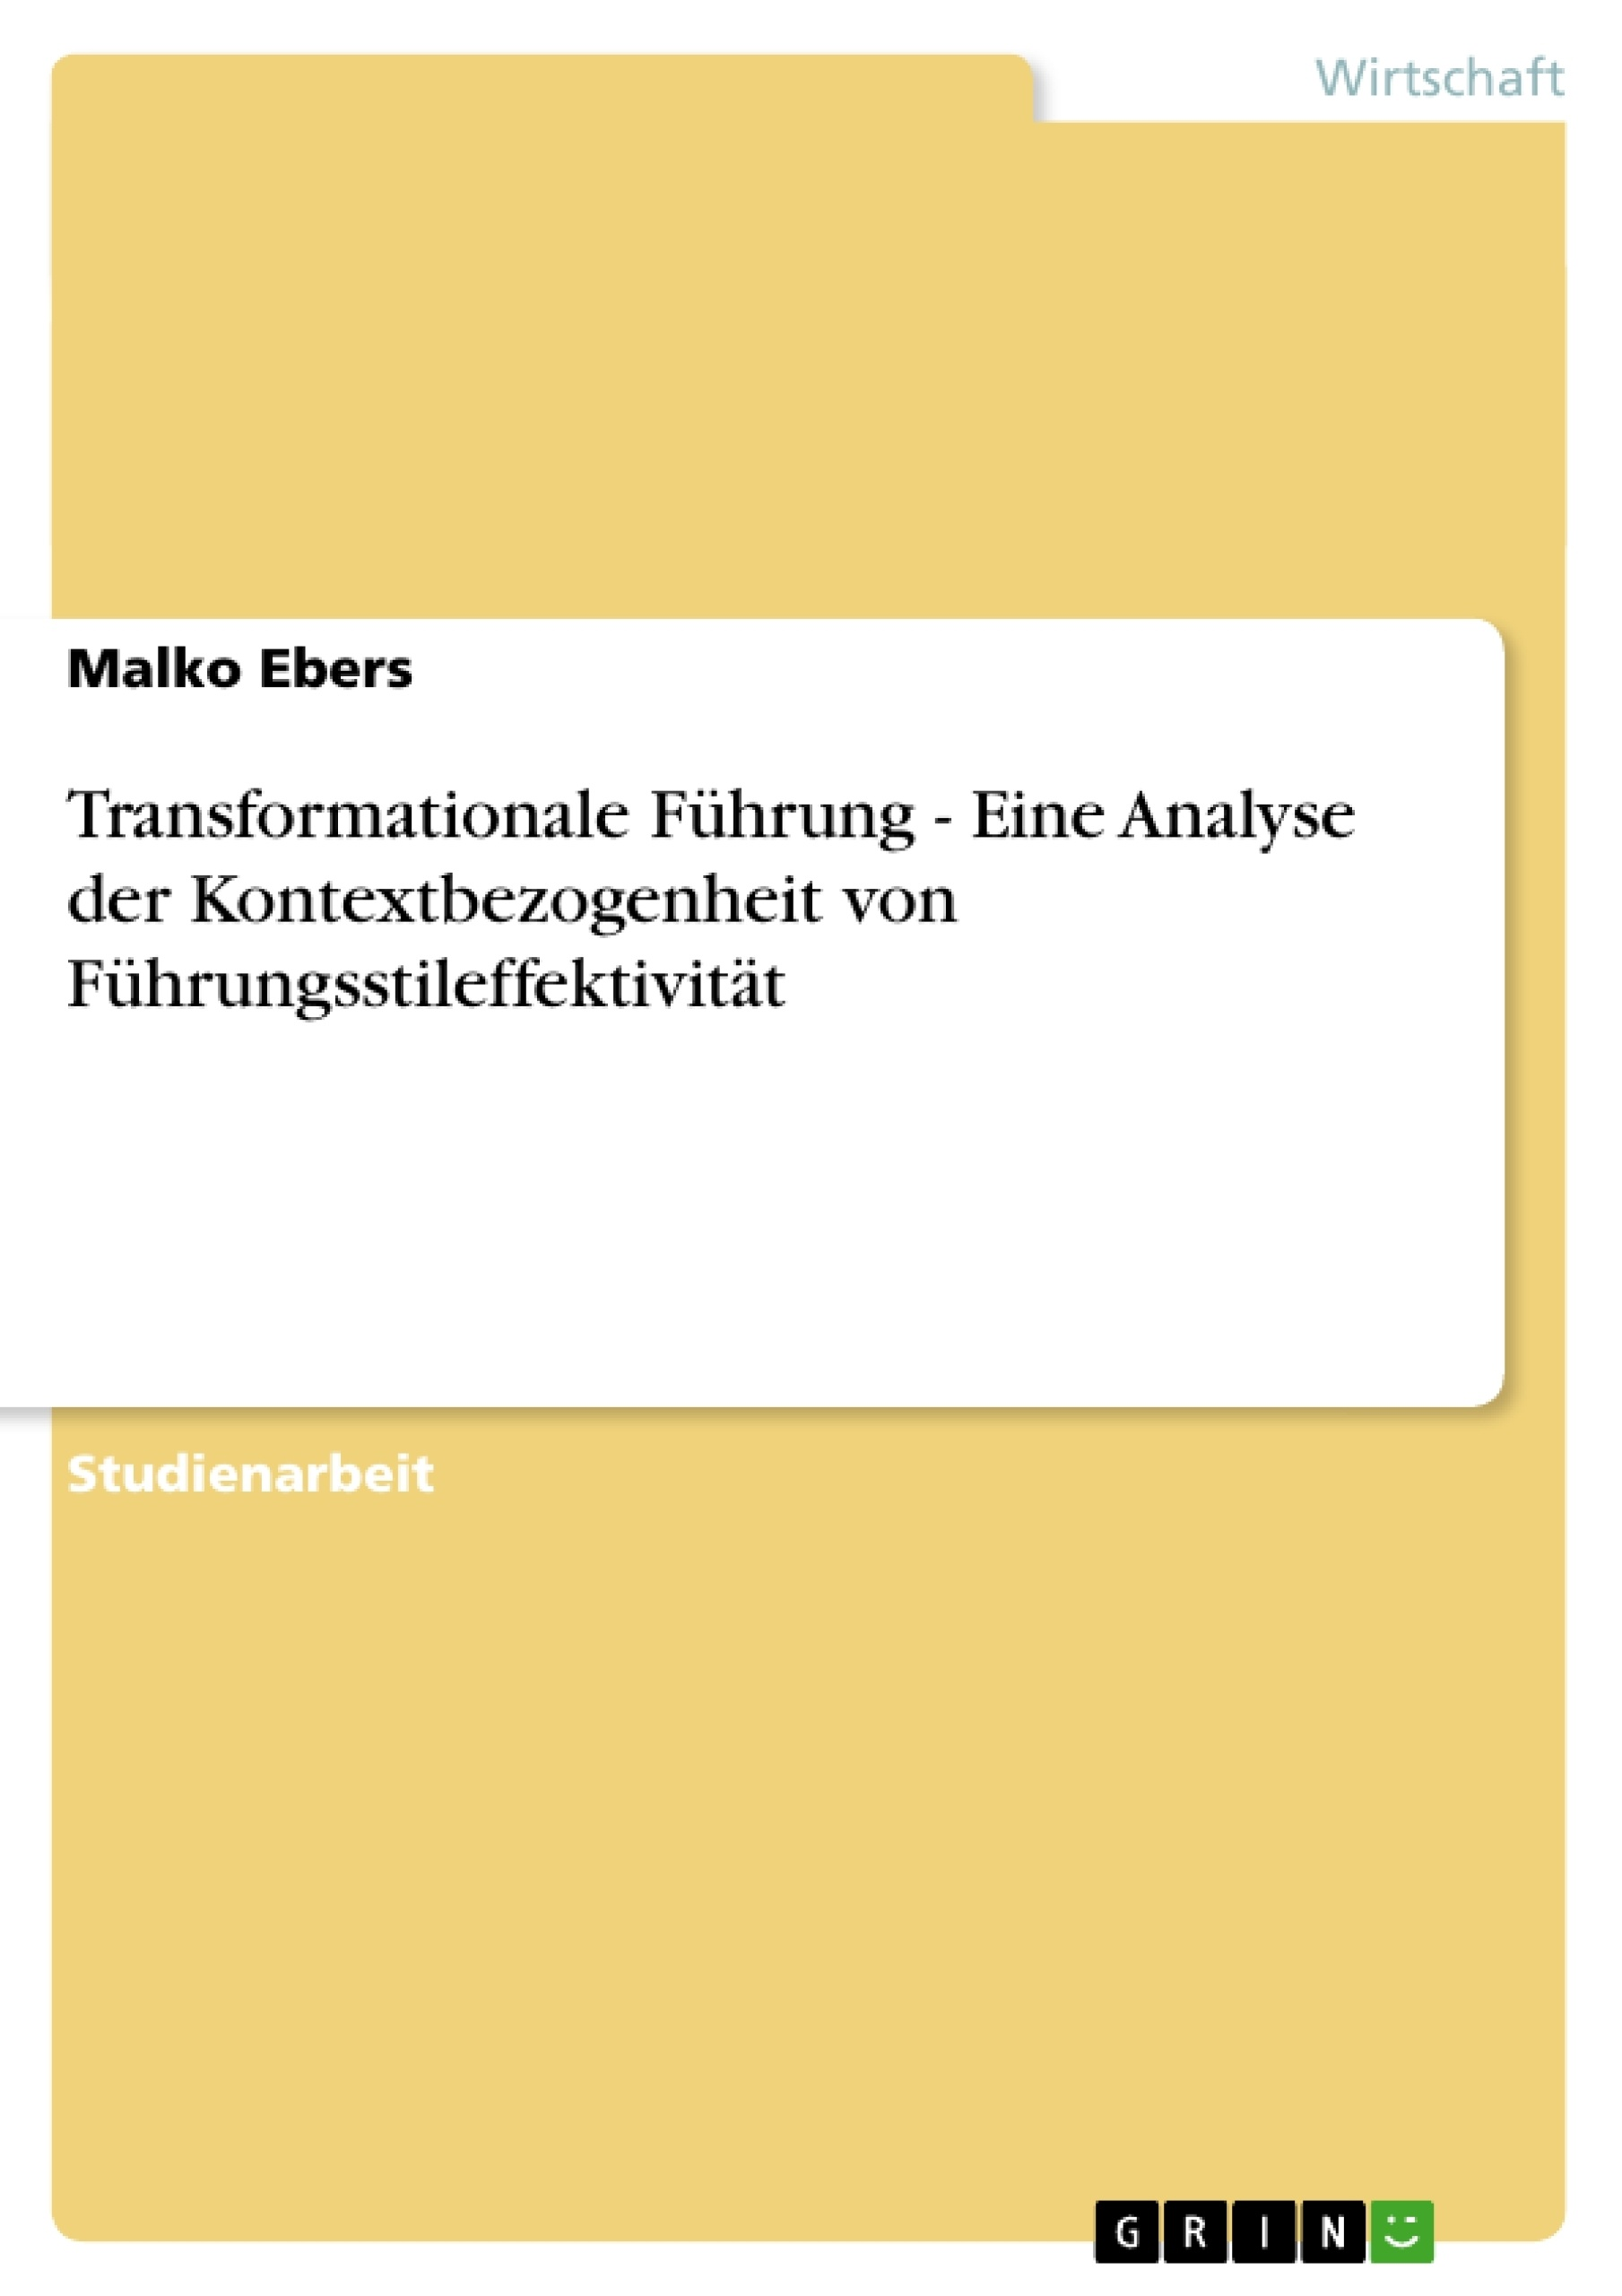 Titel: Transformationale Führung - Eine Analyse der Kontextbezogenheit von Führungsstileffektivität